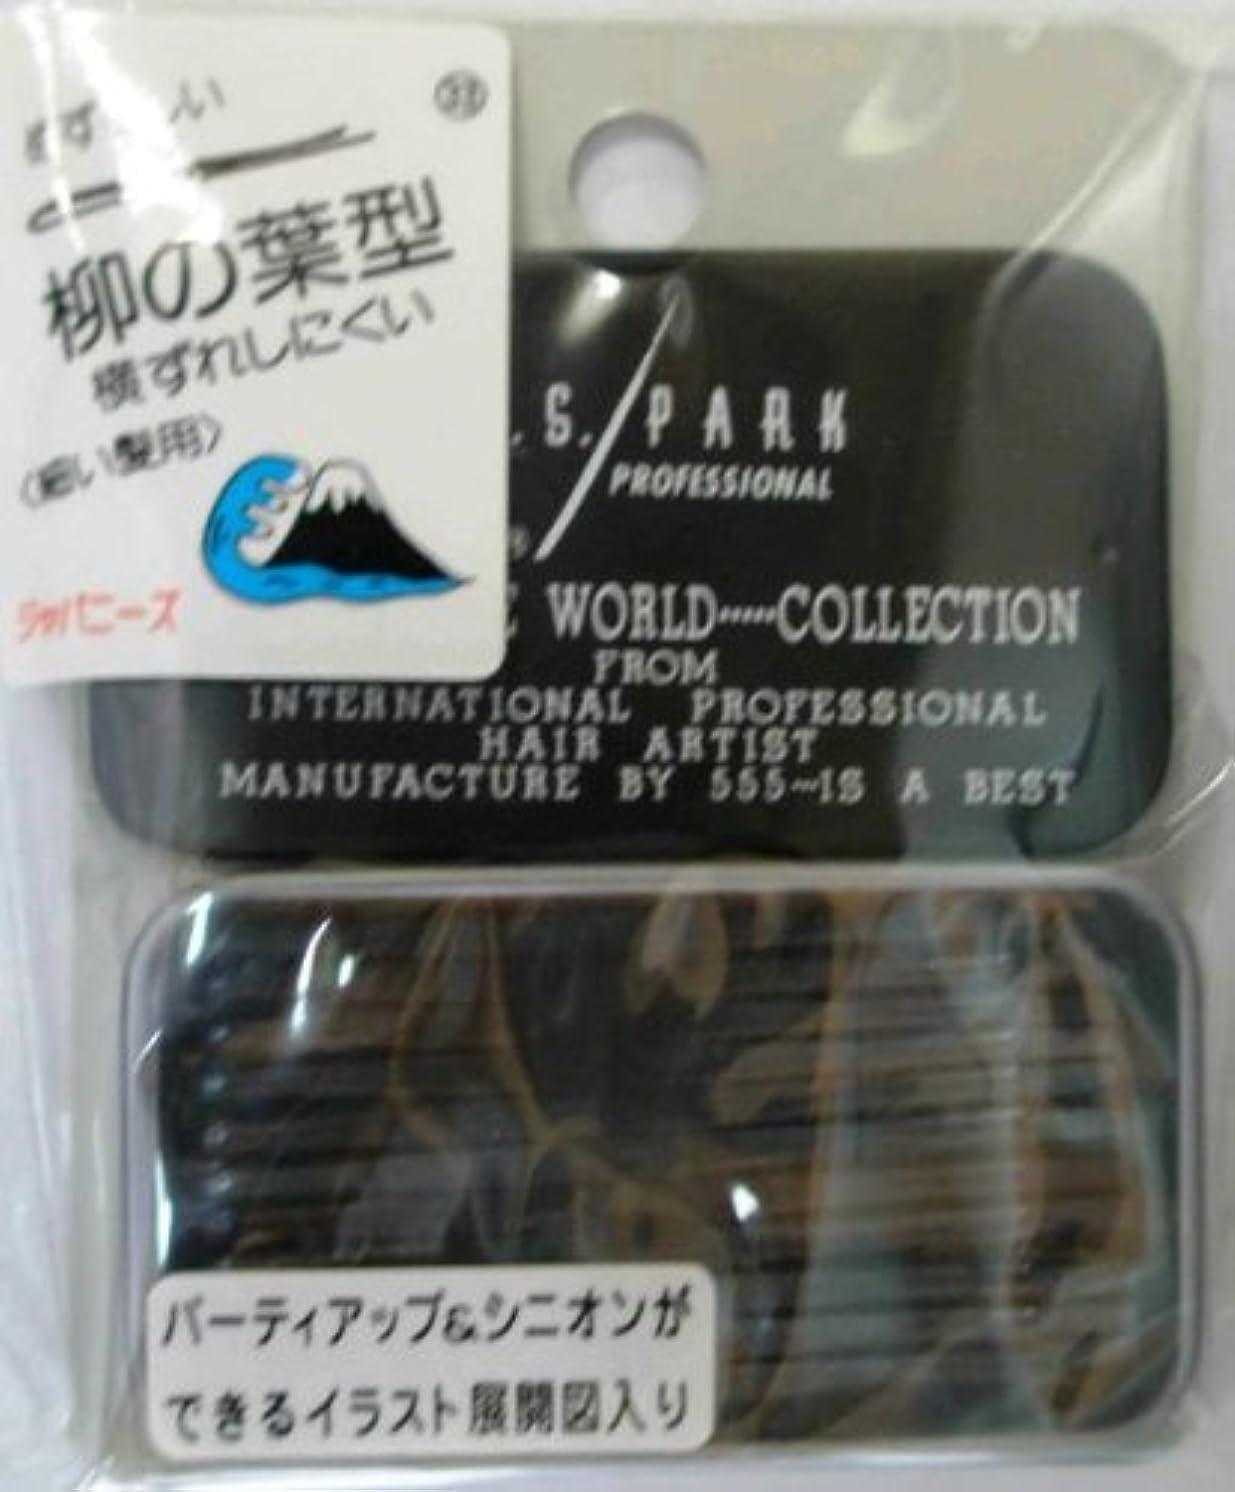 設置リットルグリーンランドY.S.PARK世界のヘアピンコレクションNo.33(細い髪用)ジャパニーズ32P